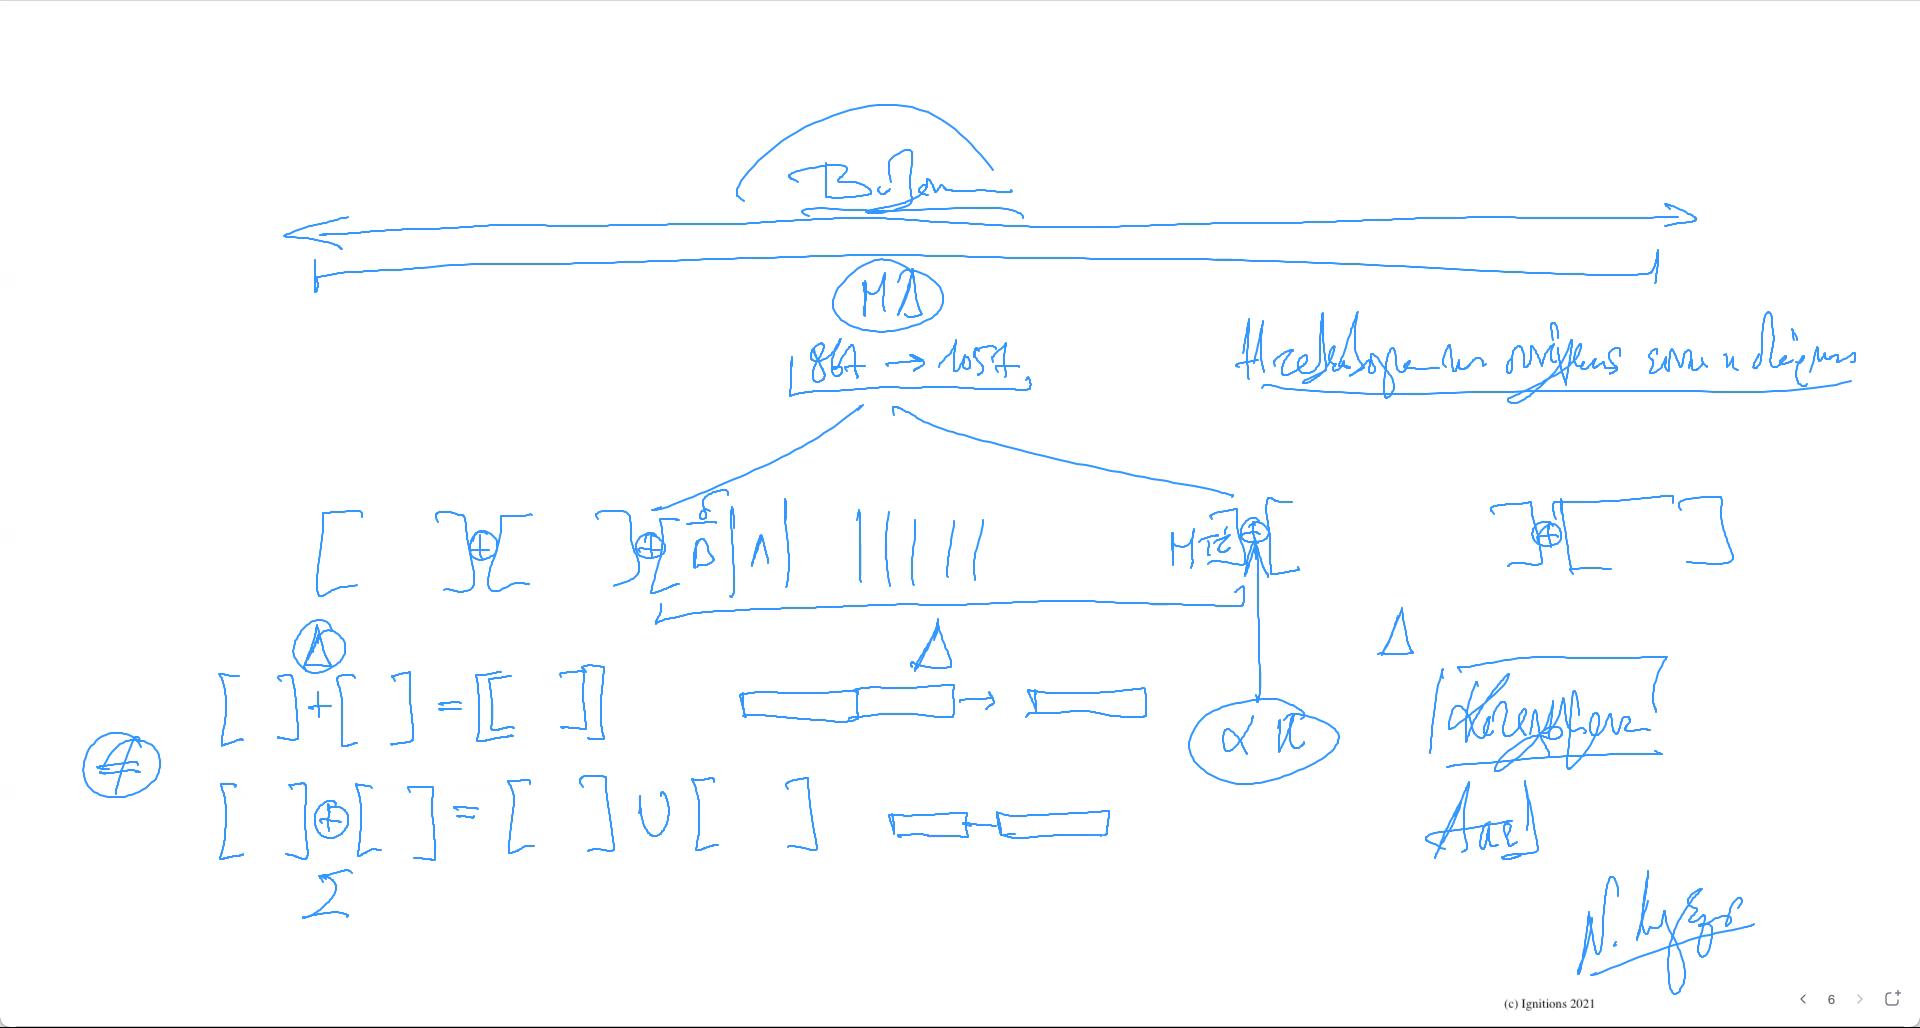 60505 - VΙ - Η διάρκεια ως τελεολογία της συνέχειας. ΔΙΑΡΚΕΙΑ ΙΙ. (Dessin)